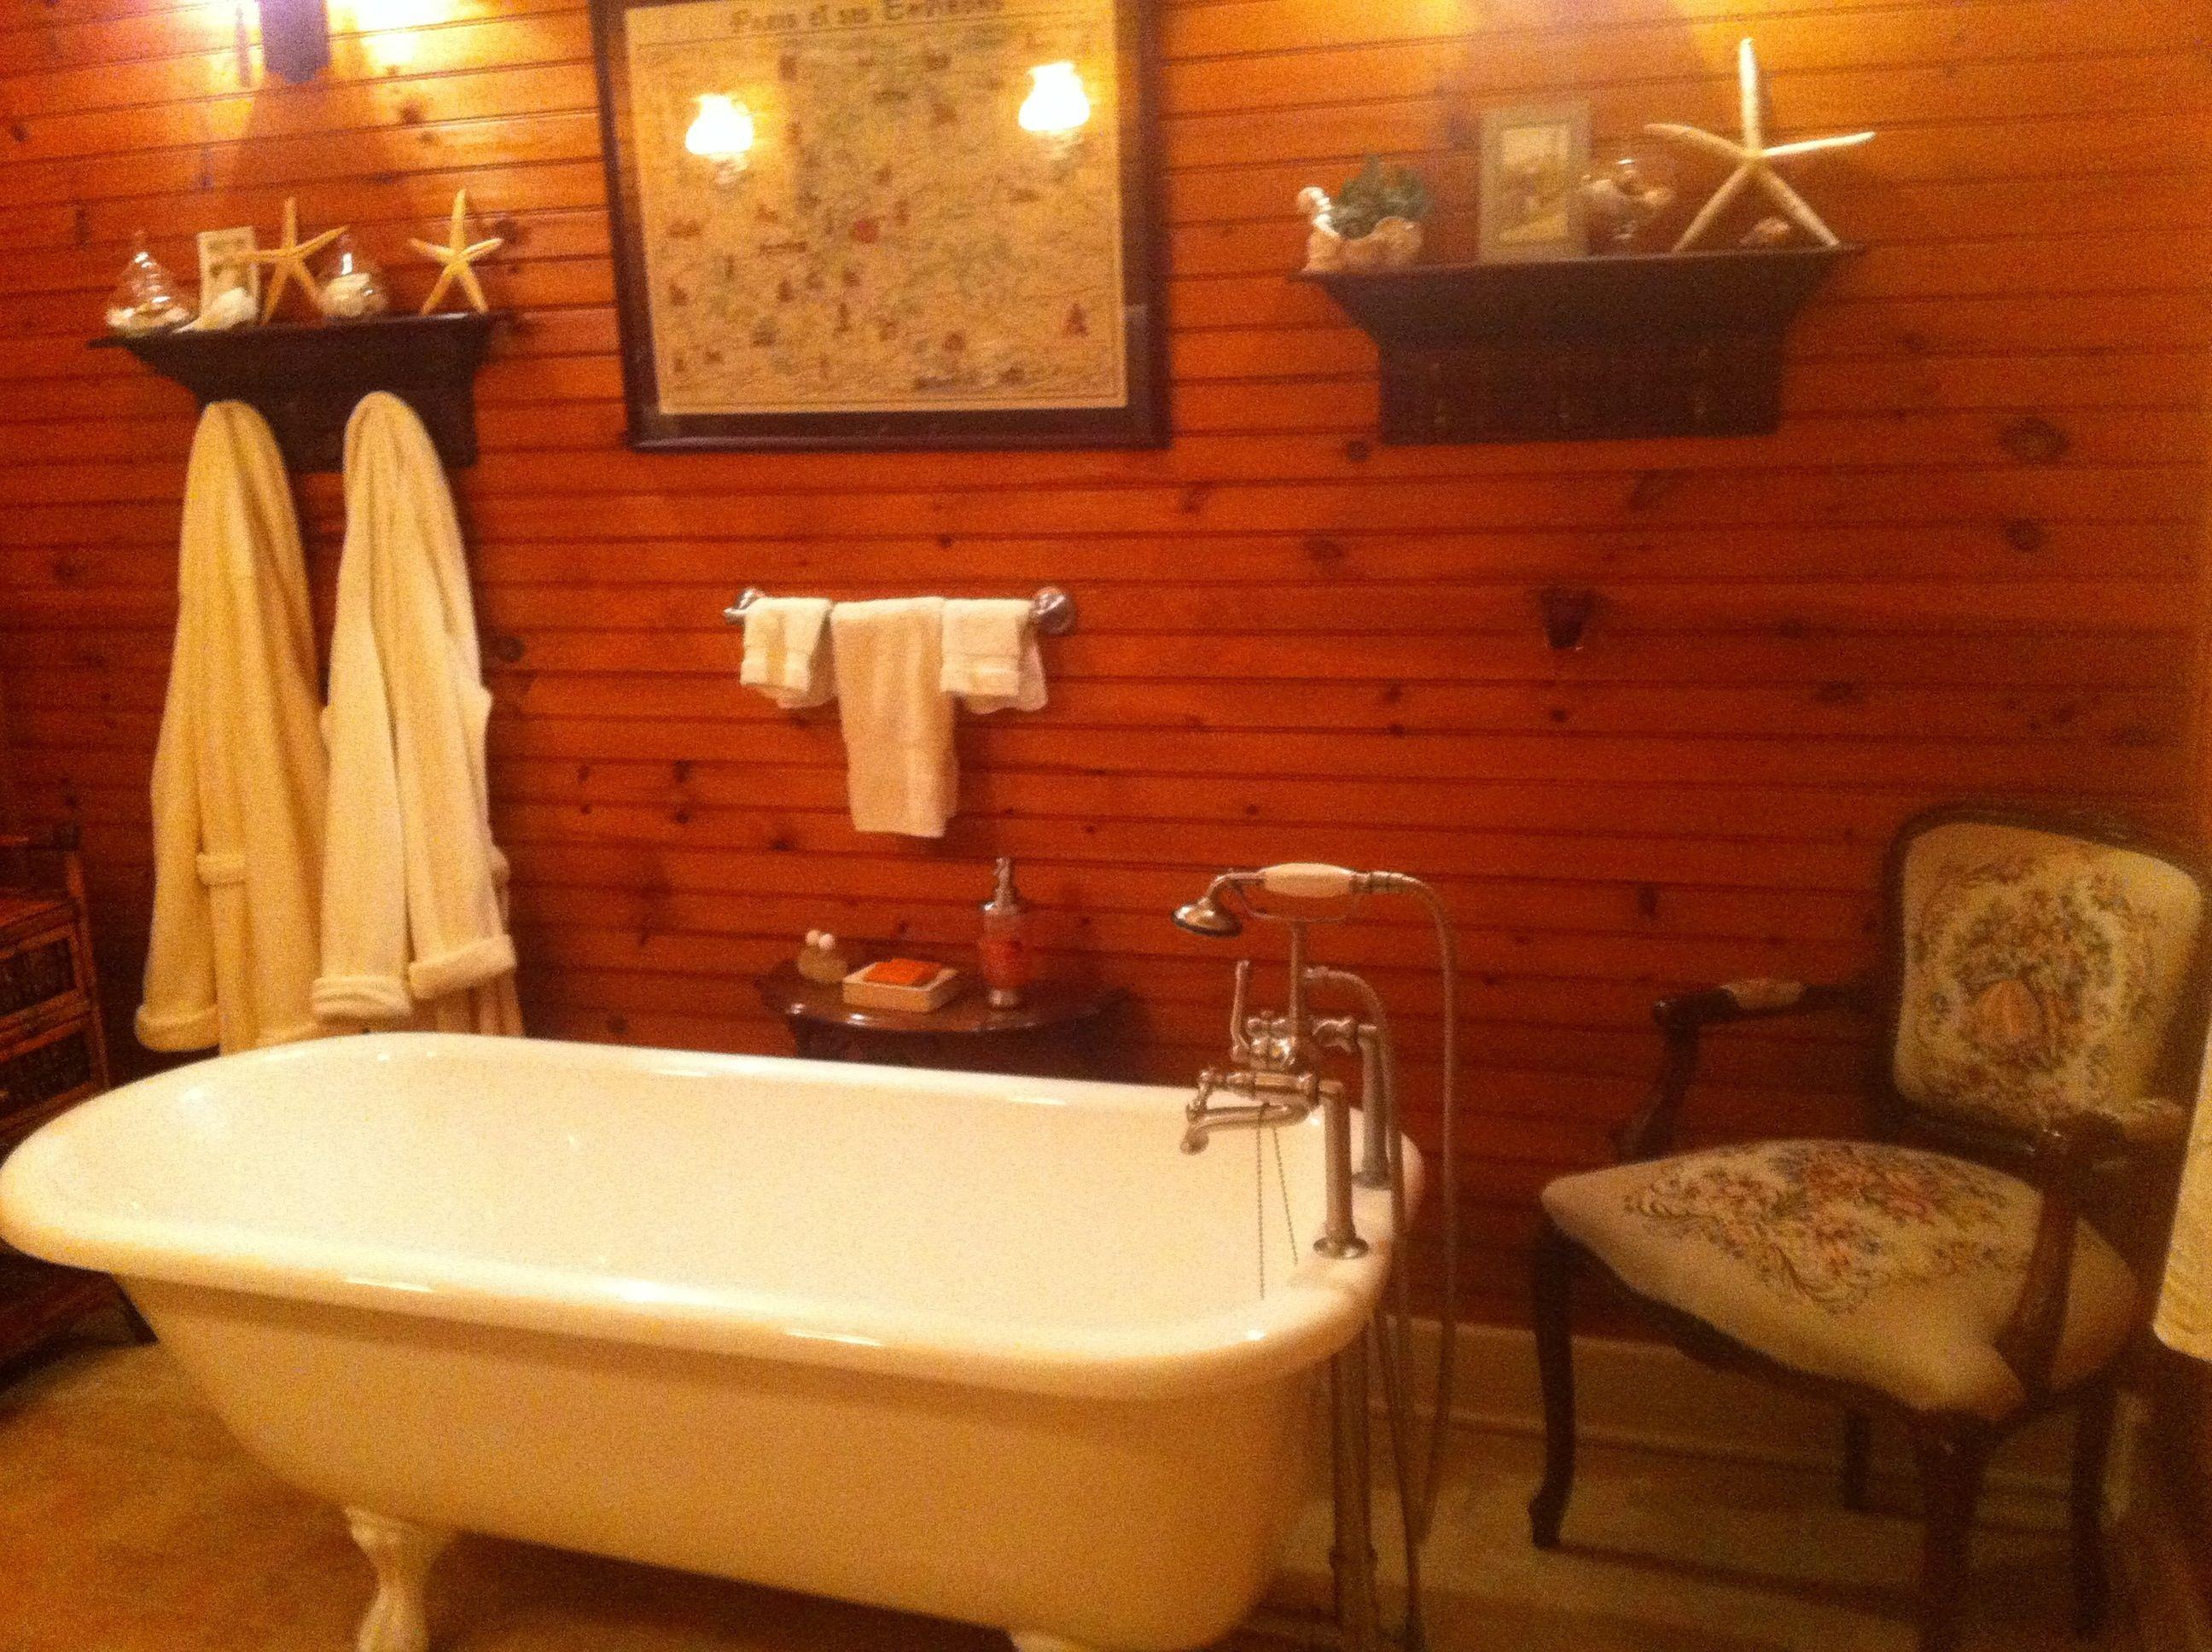 Pretty Cozy Inviting Bathroom Decor